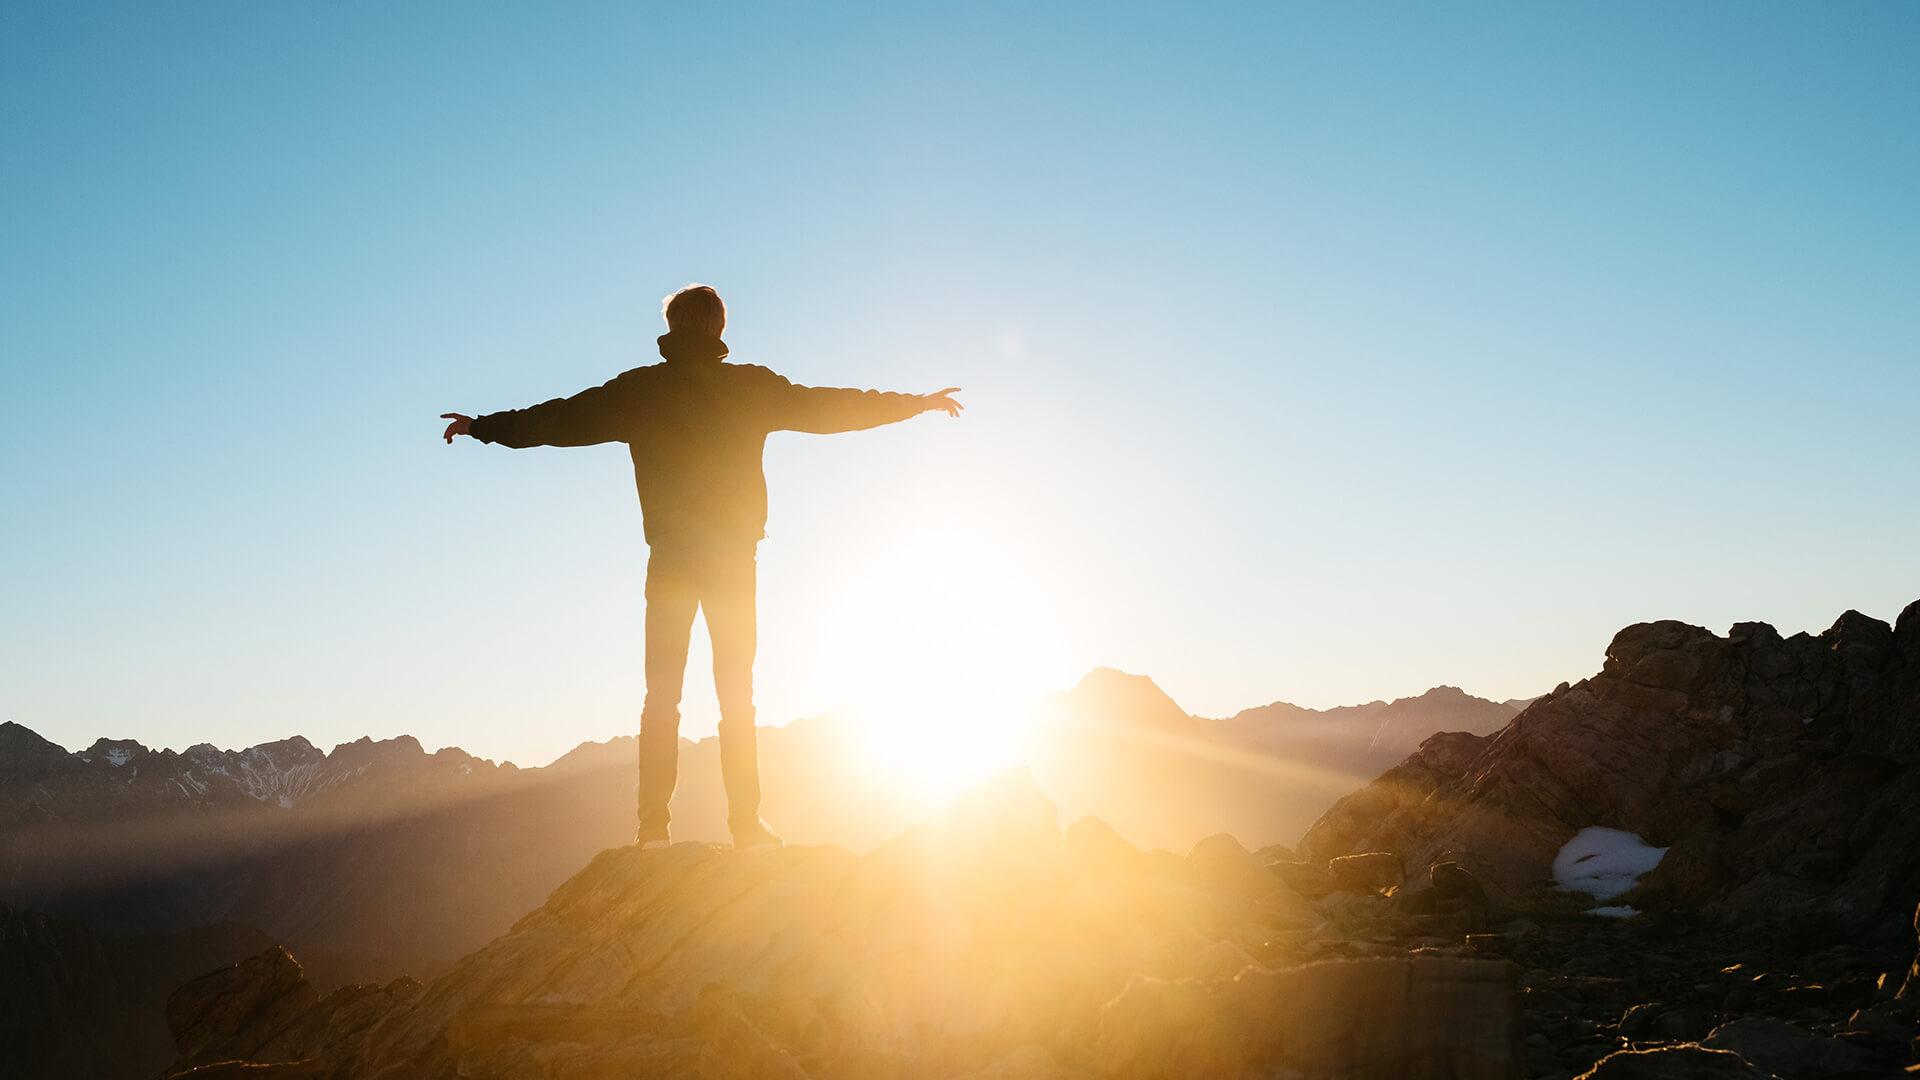 Wer bin ich? Person auf einem Berg stehend